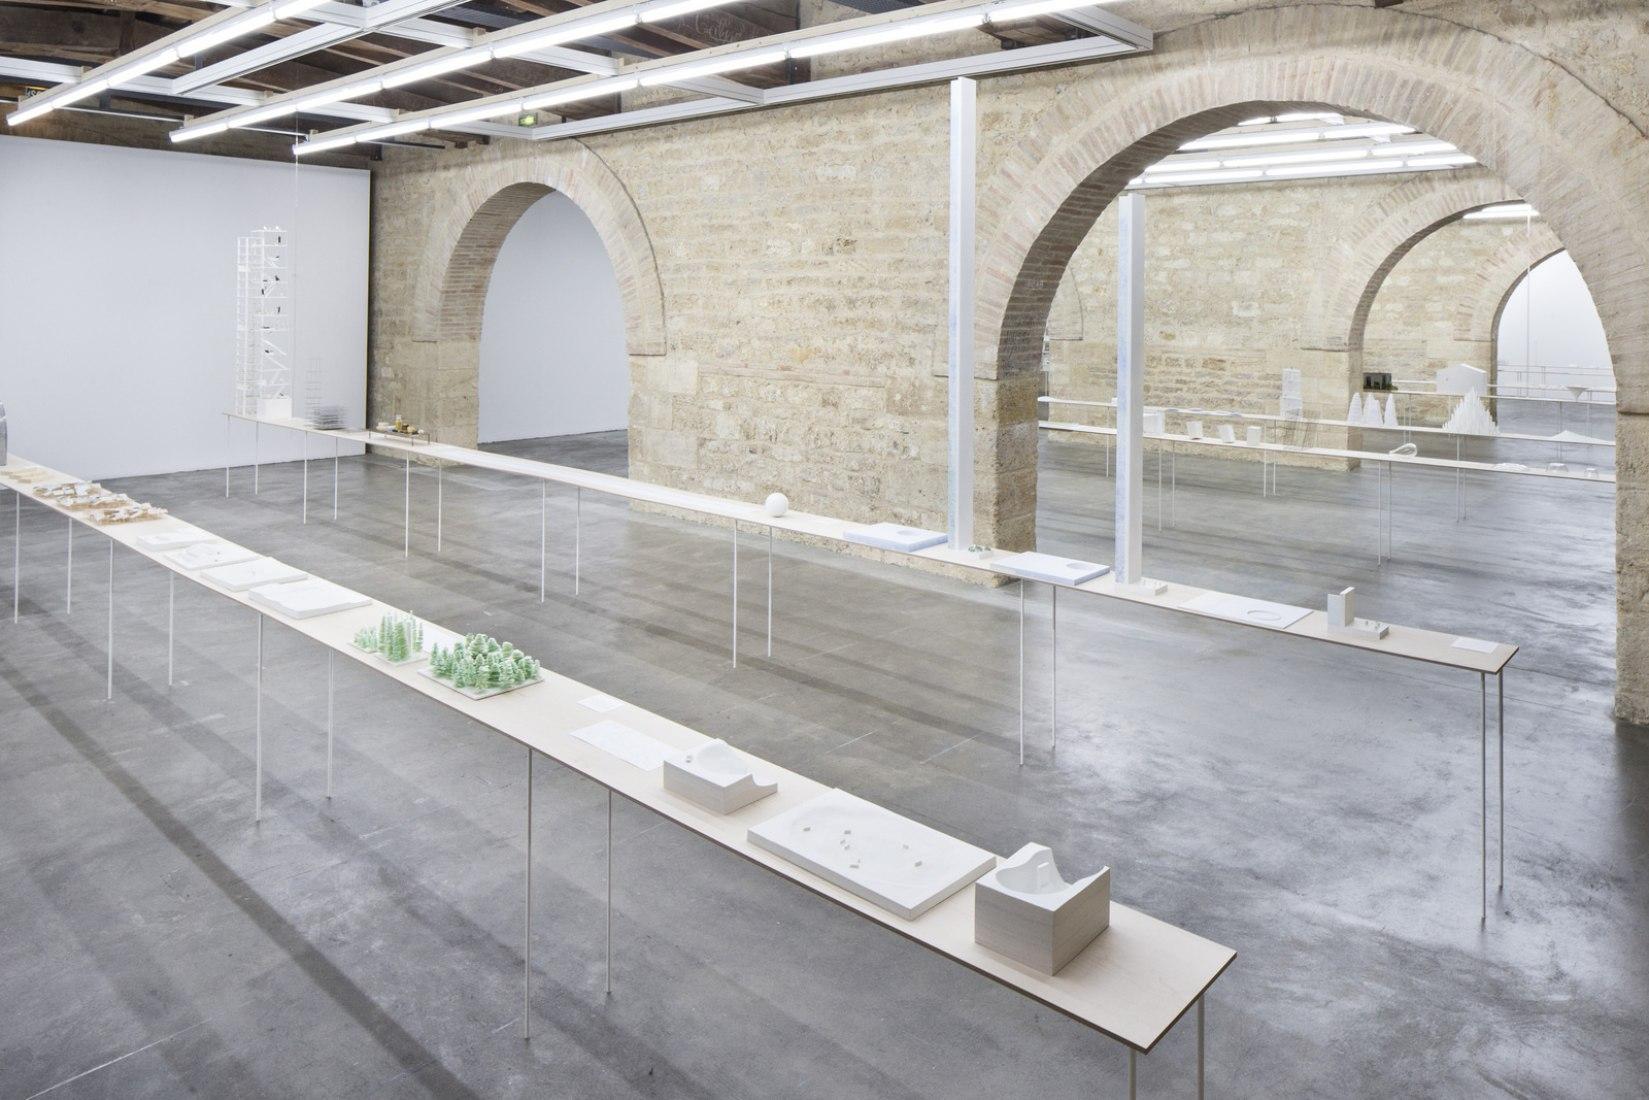 Image of the exhibition. Courtesy of Arc en rêve centre d'architecture Bourdeaux.